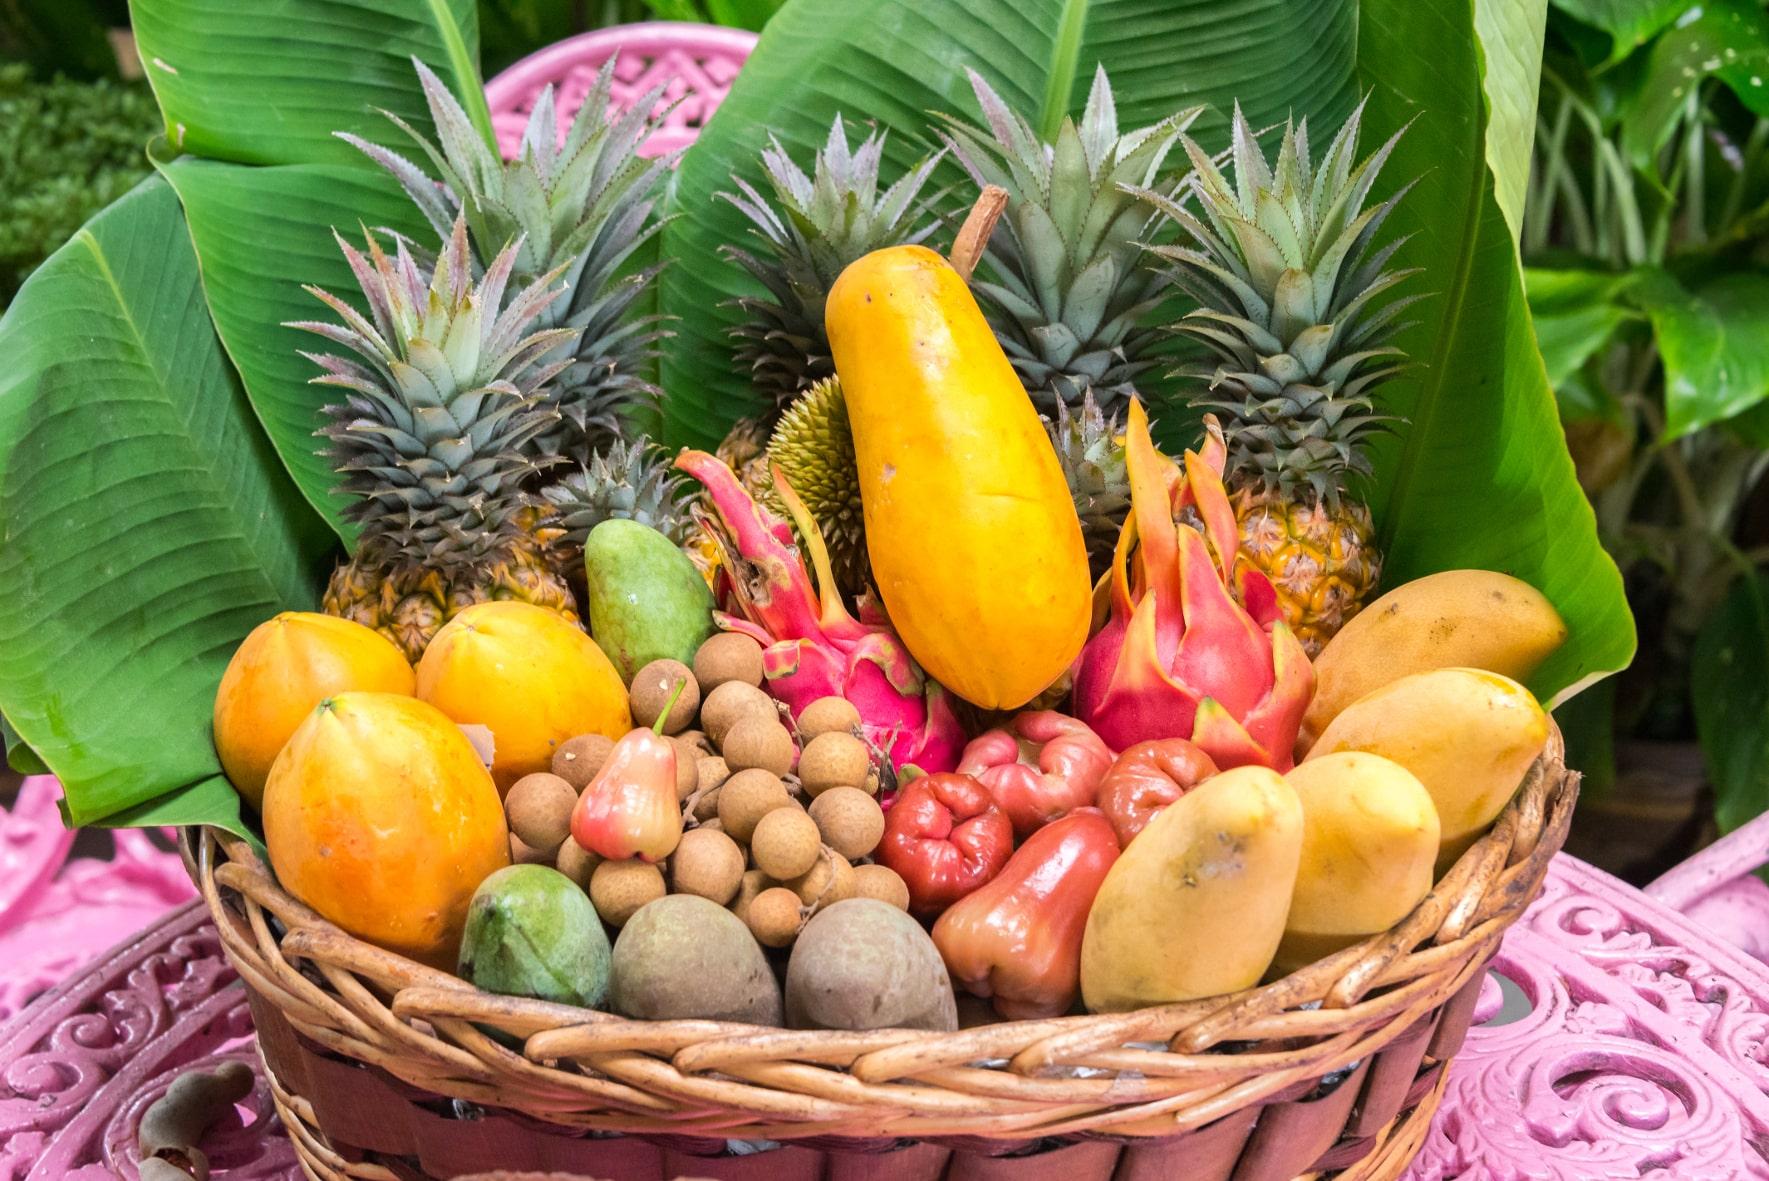 http://fruit-island.ru/images/upload/repas-reunionnais-min.jpg